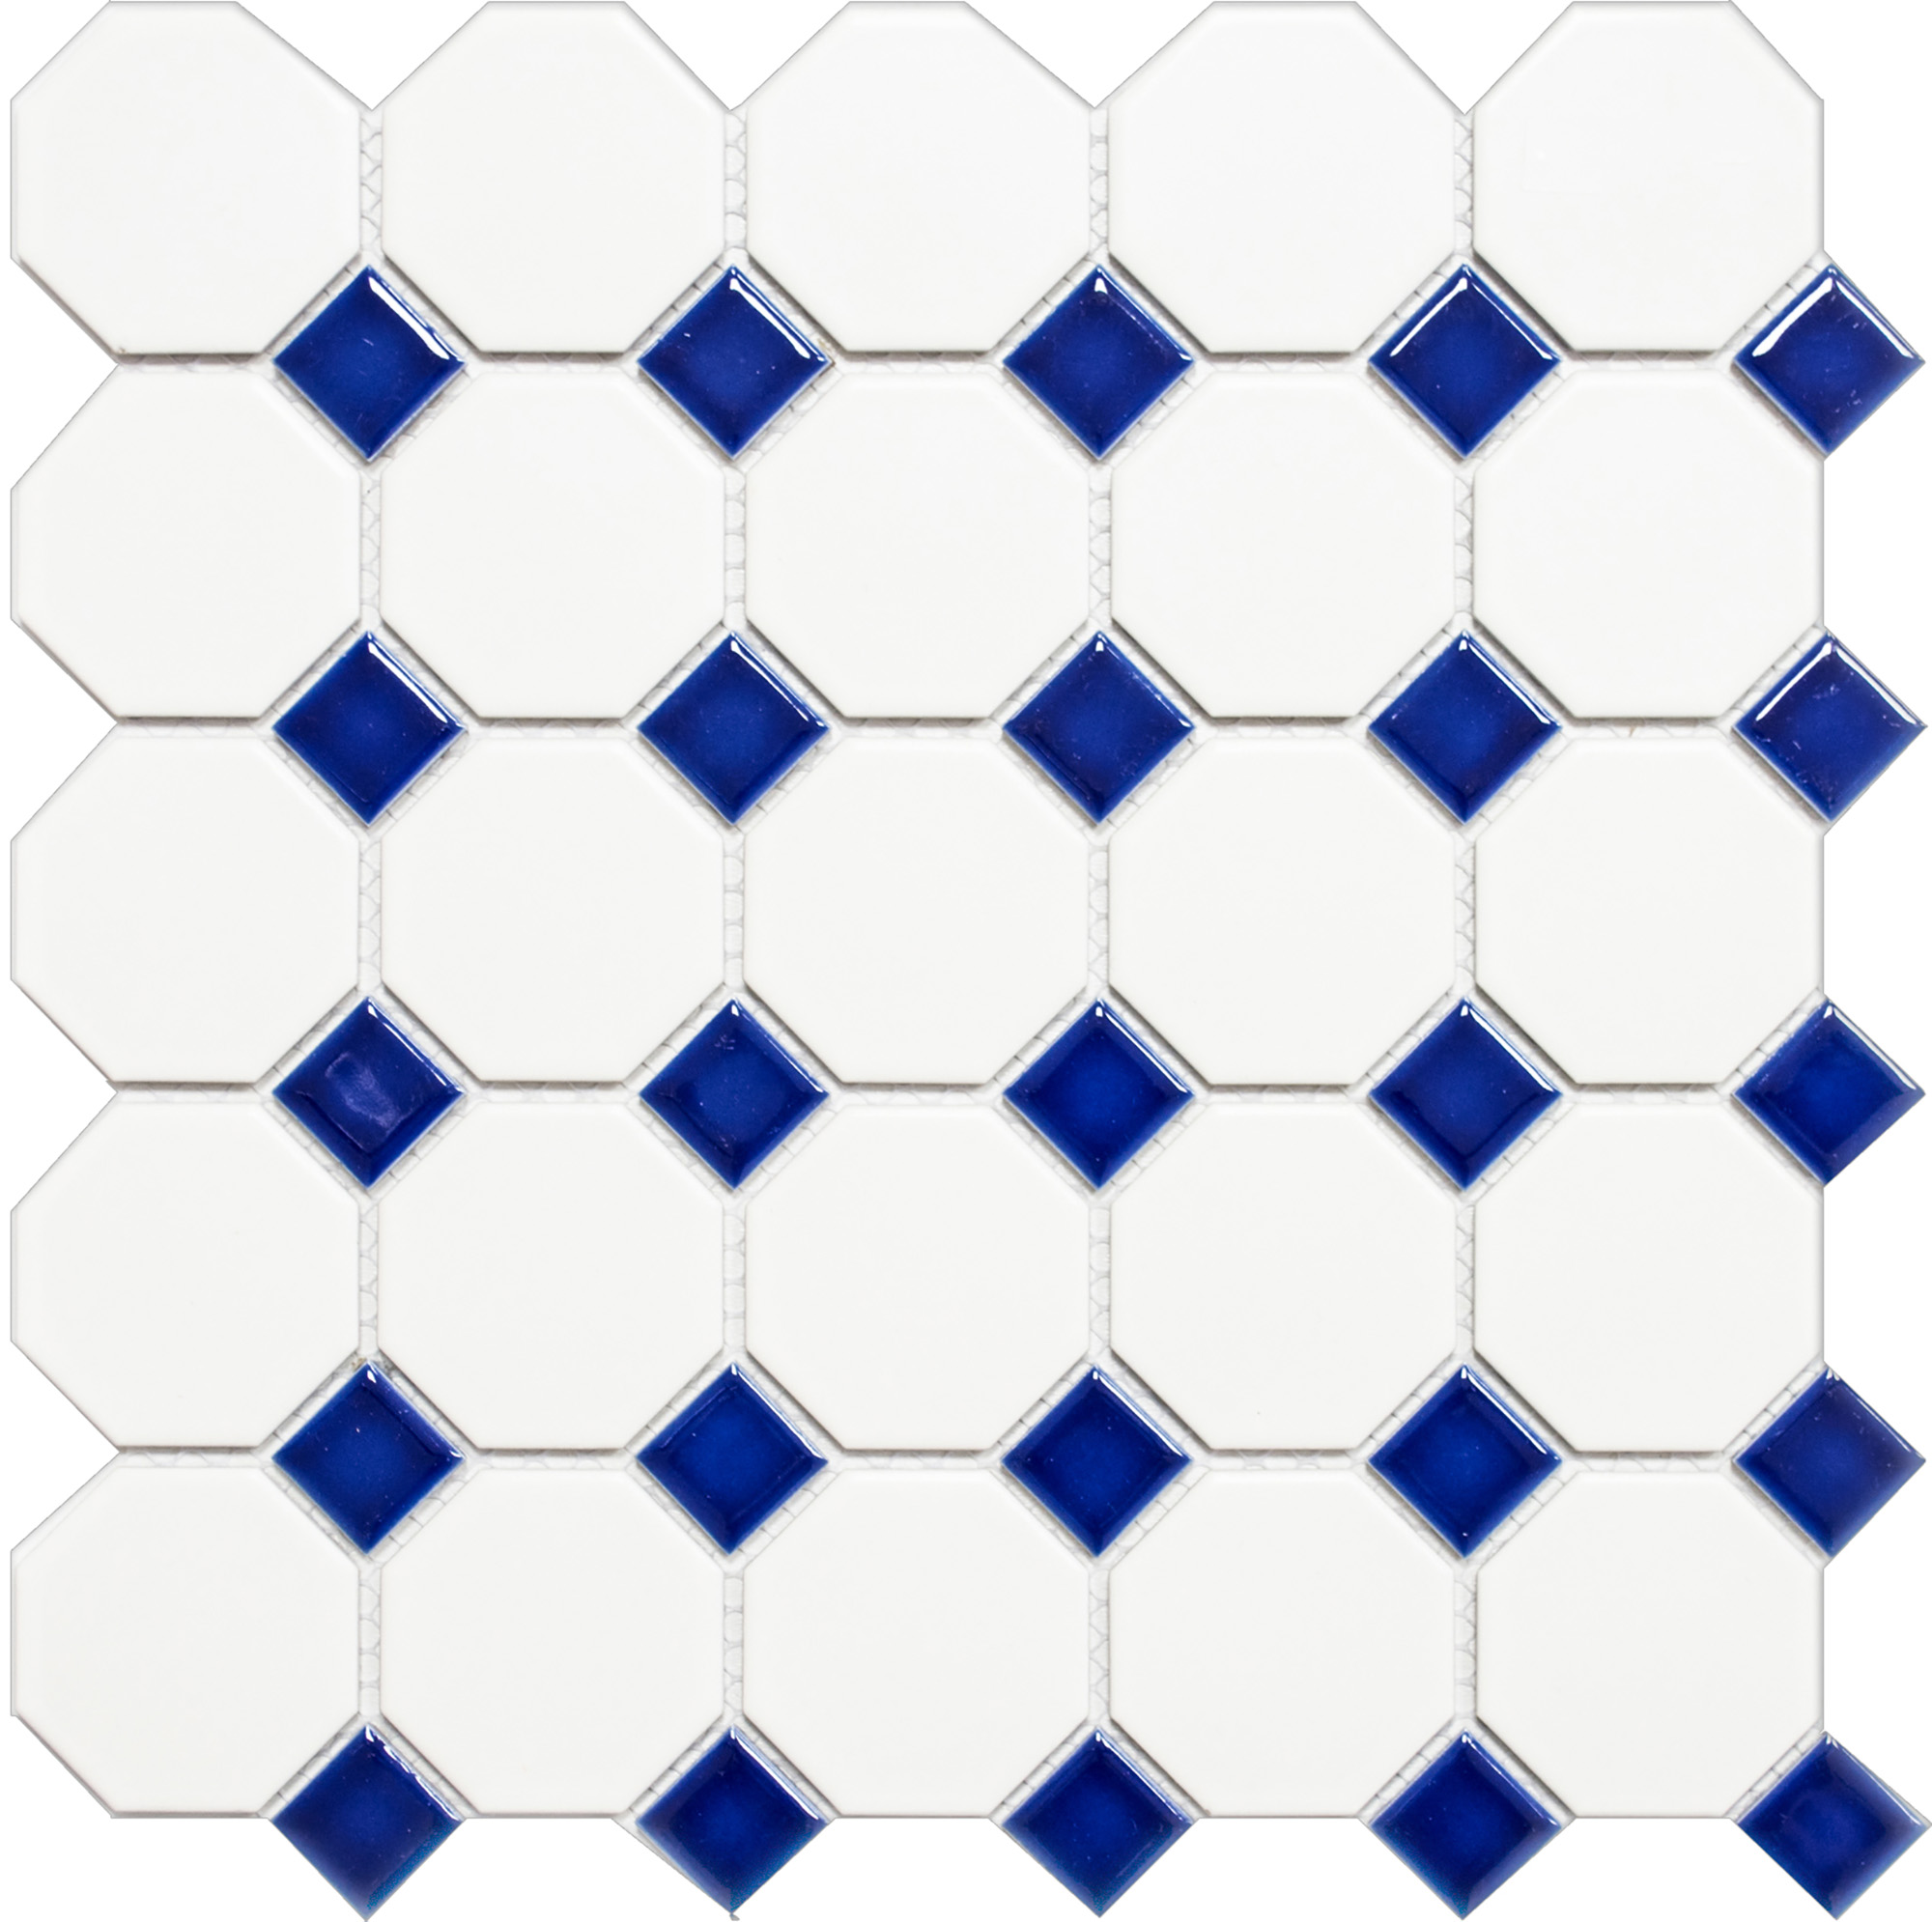 OCTAG464, Octagon, Valkoinen, mosaiiikki,lattia,pakkasenkesto